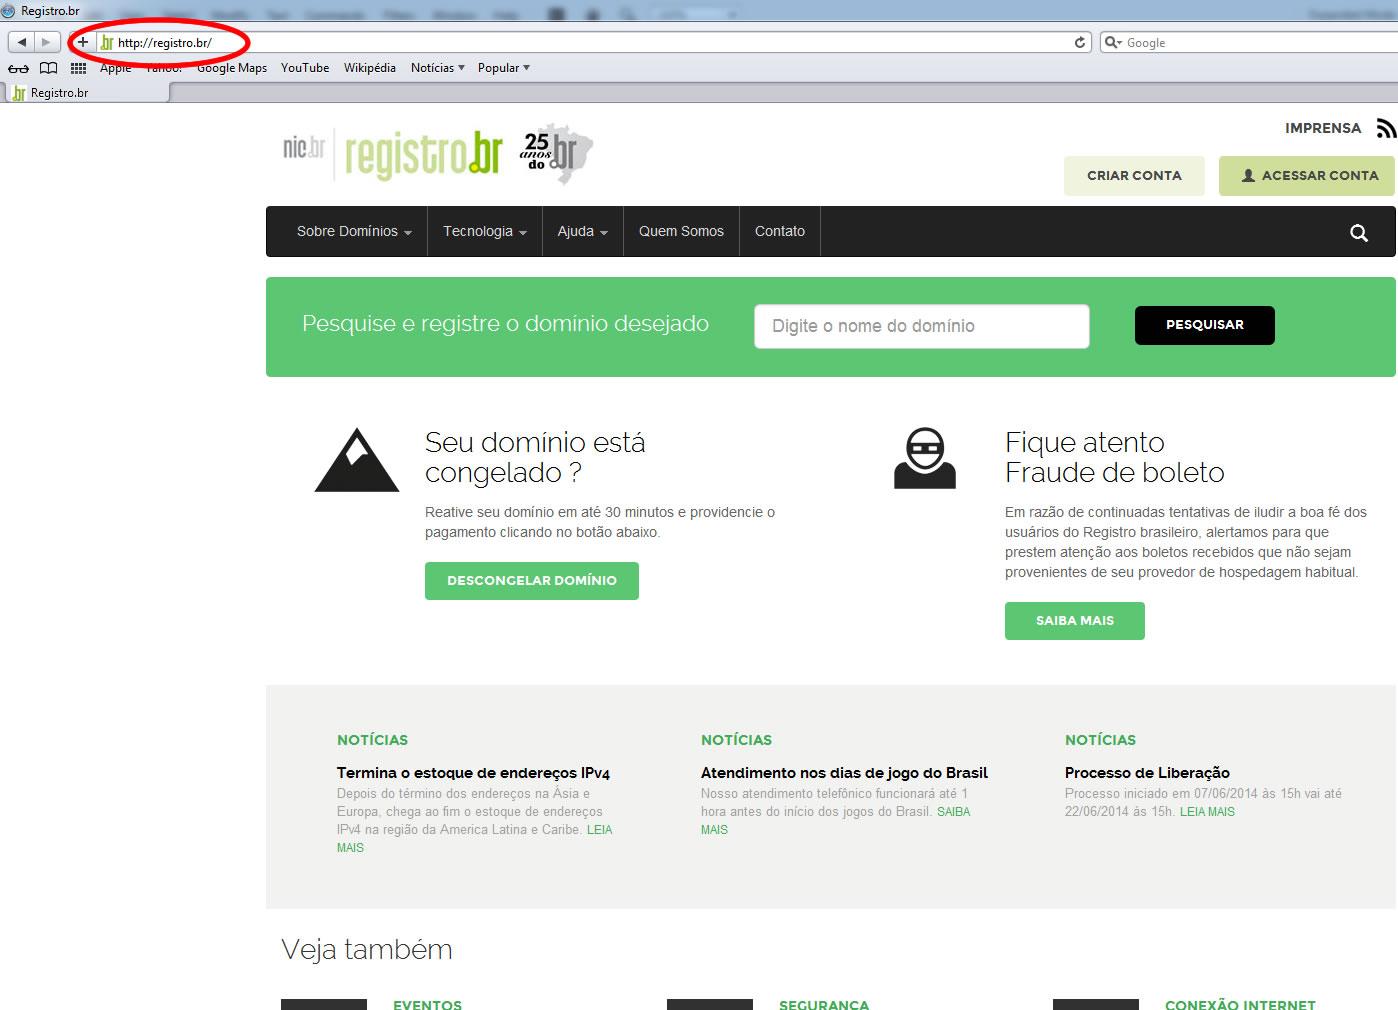 Link para acesso a consulta de domínios no Brasil